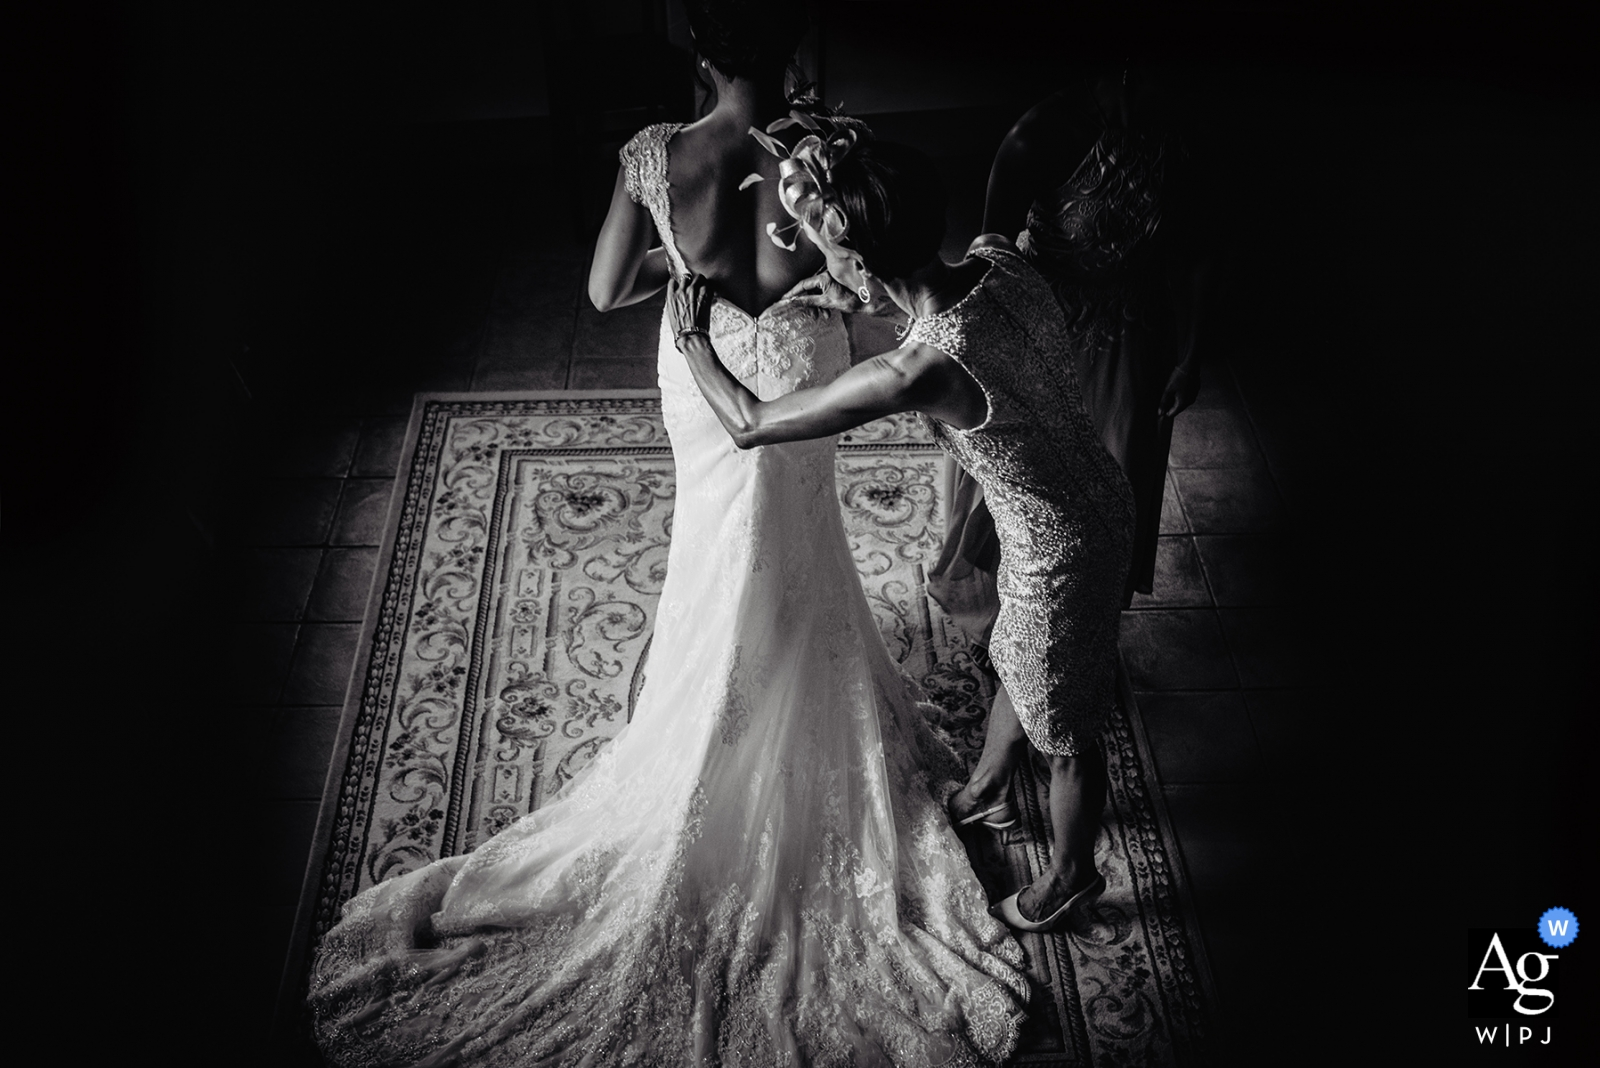 Borgo Petrognano, artystyczny fotograf ślubny z Toskanii | panna młoda otrzymuje pomoc podczas przygotowań - zakładanie sukienki